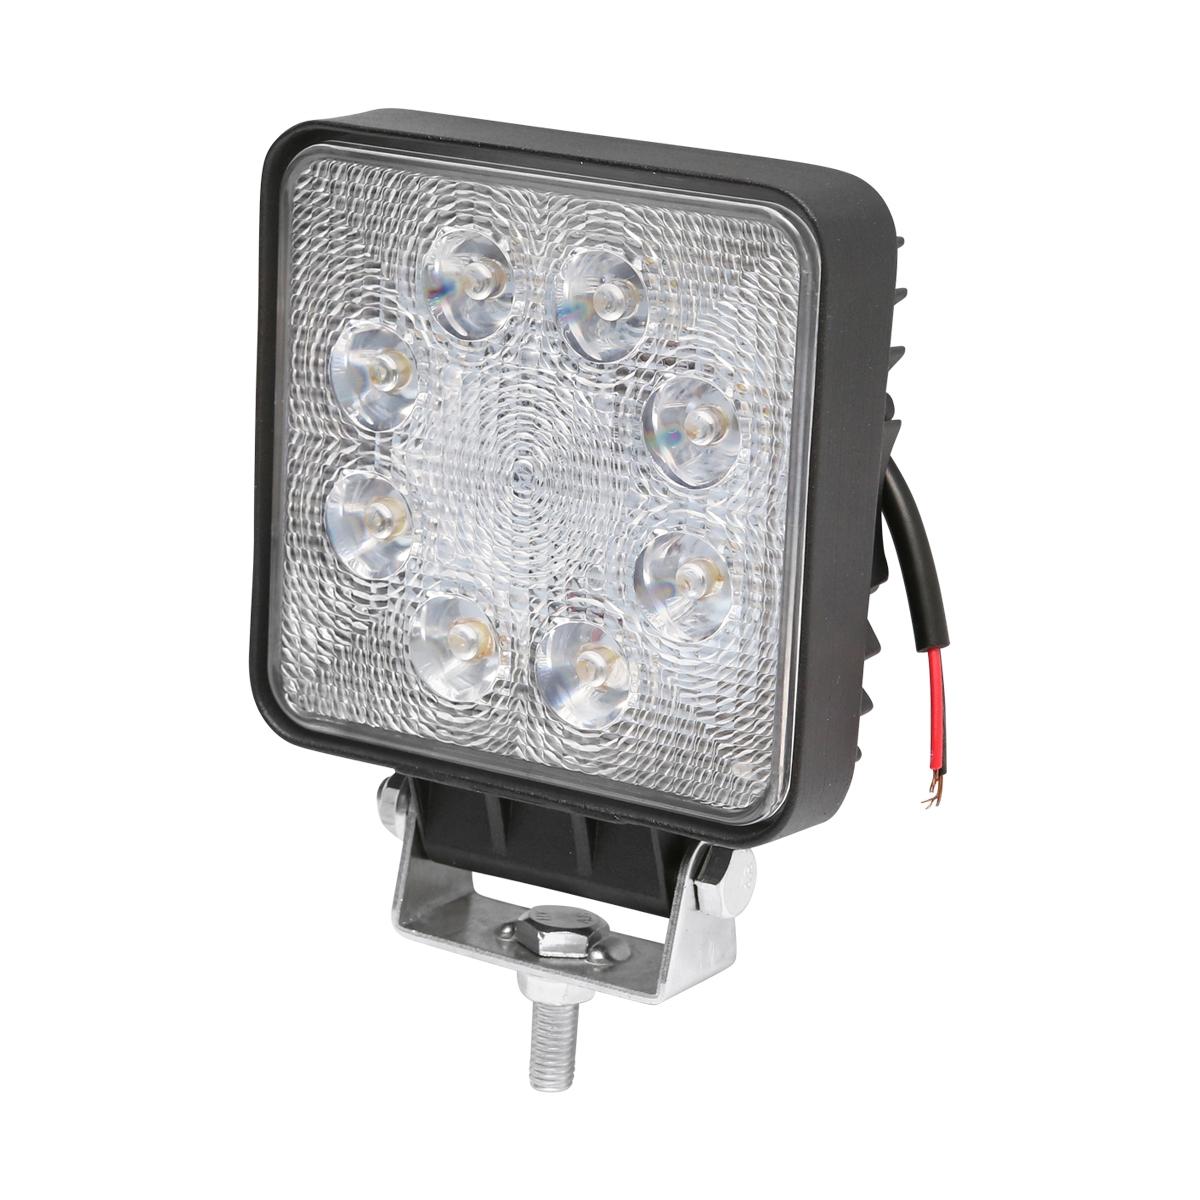 Lampa 8 LED-uri 10-60V 24W unghi de radiere 60 patrat